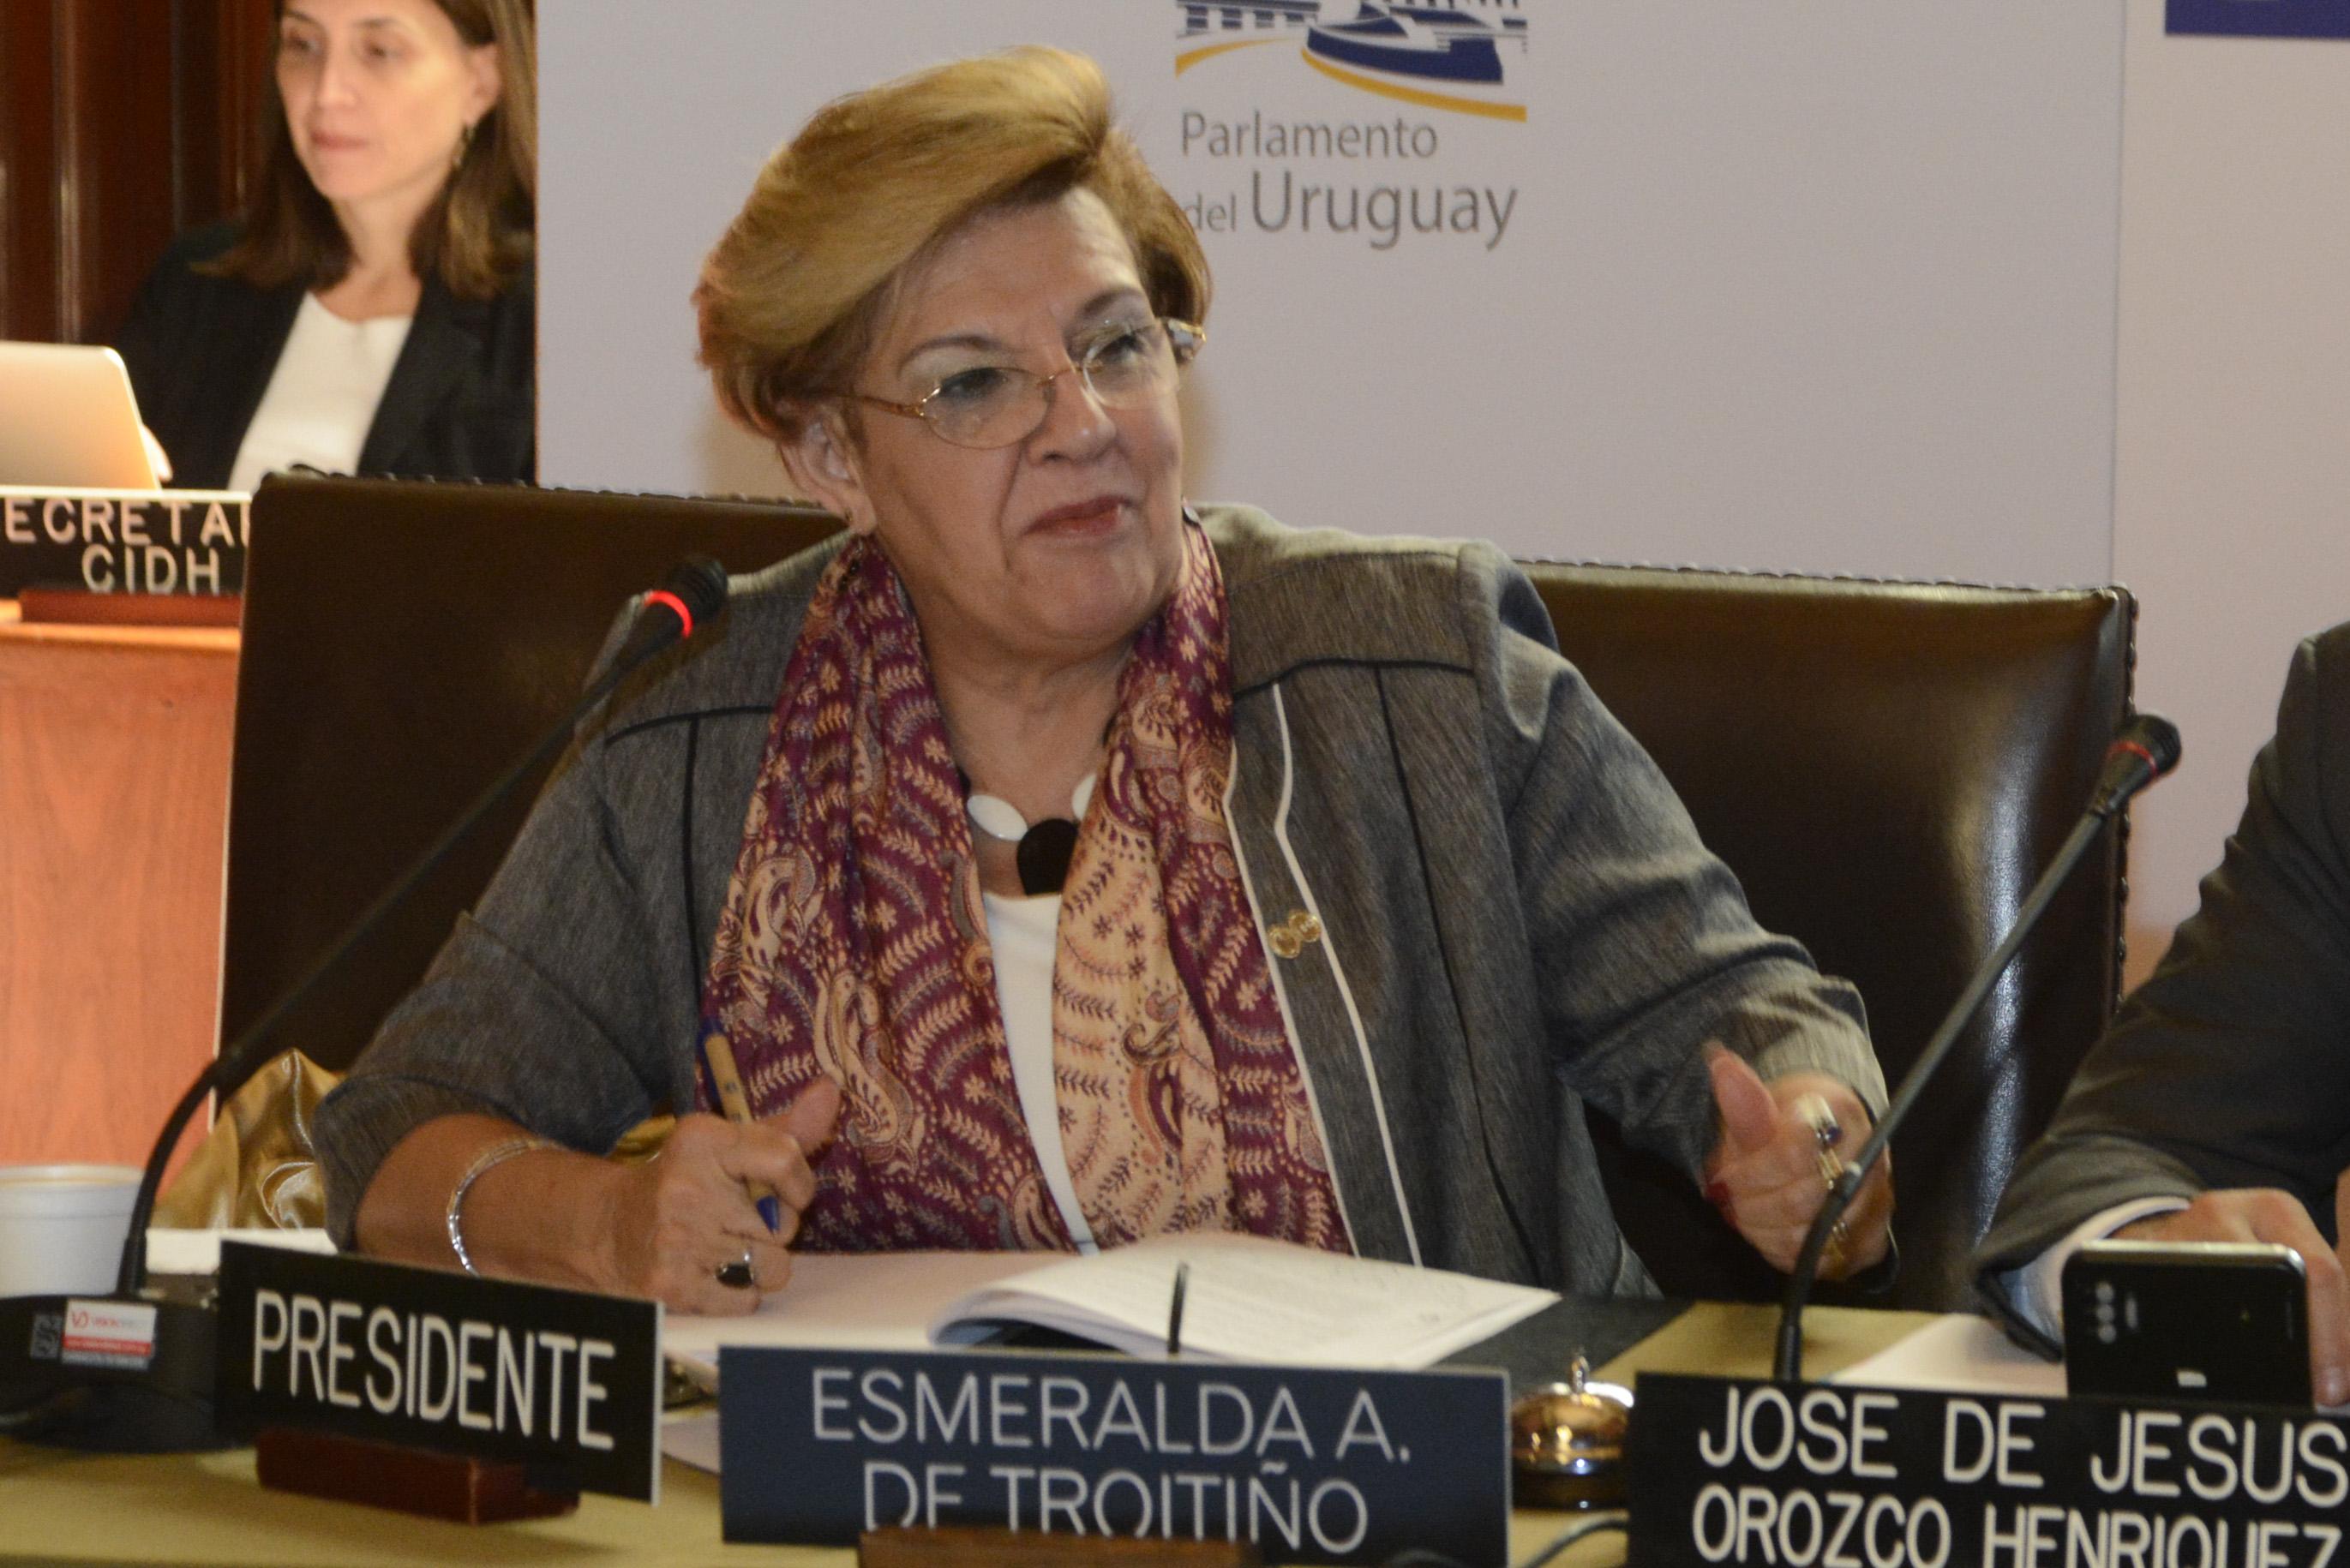 Veja o que saiu no Migalhas sobre Esmeralda Arosemena de Troitiño